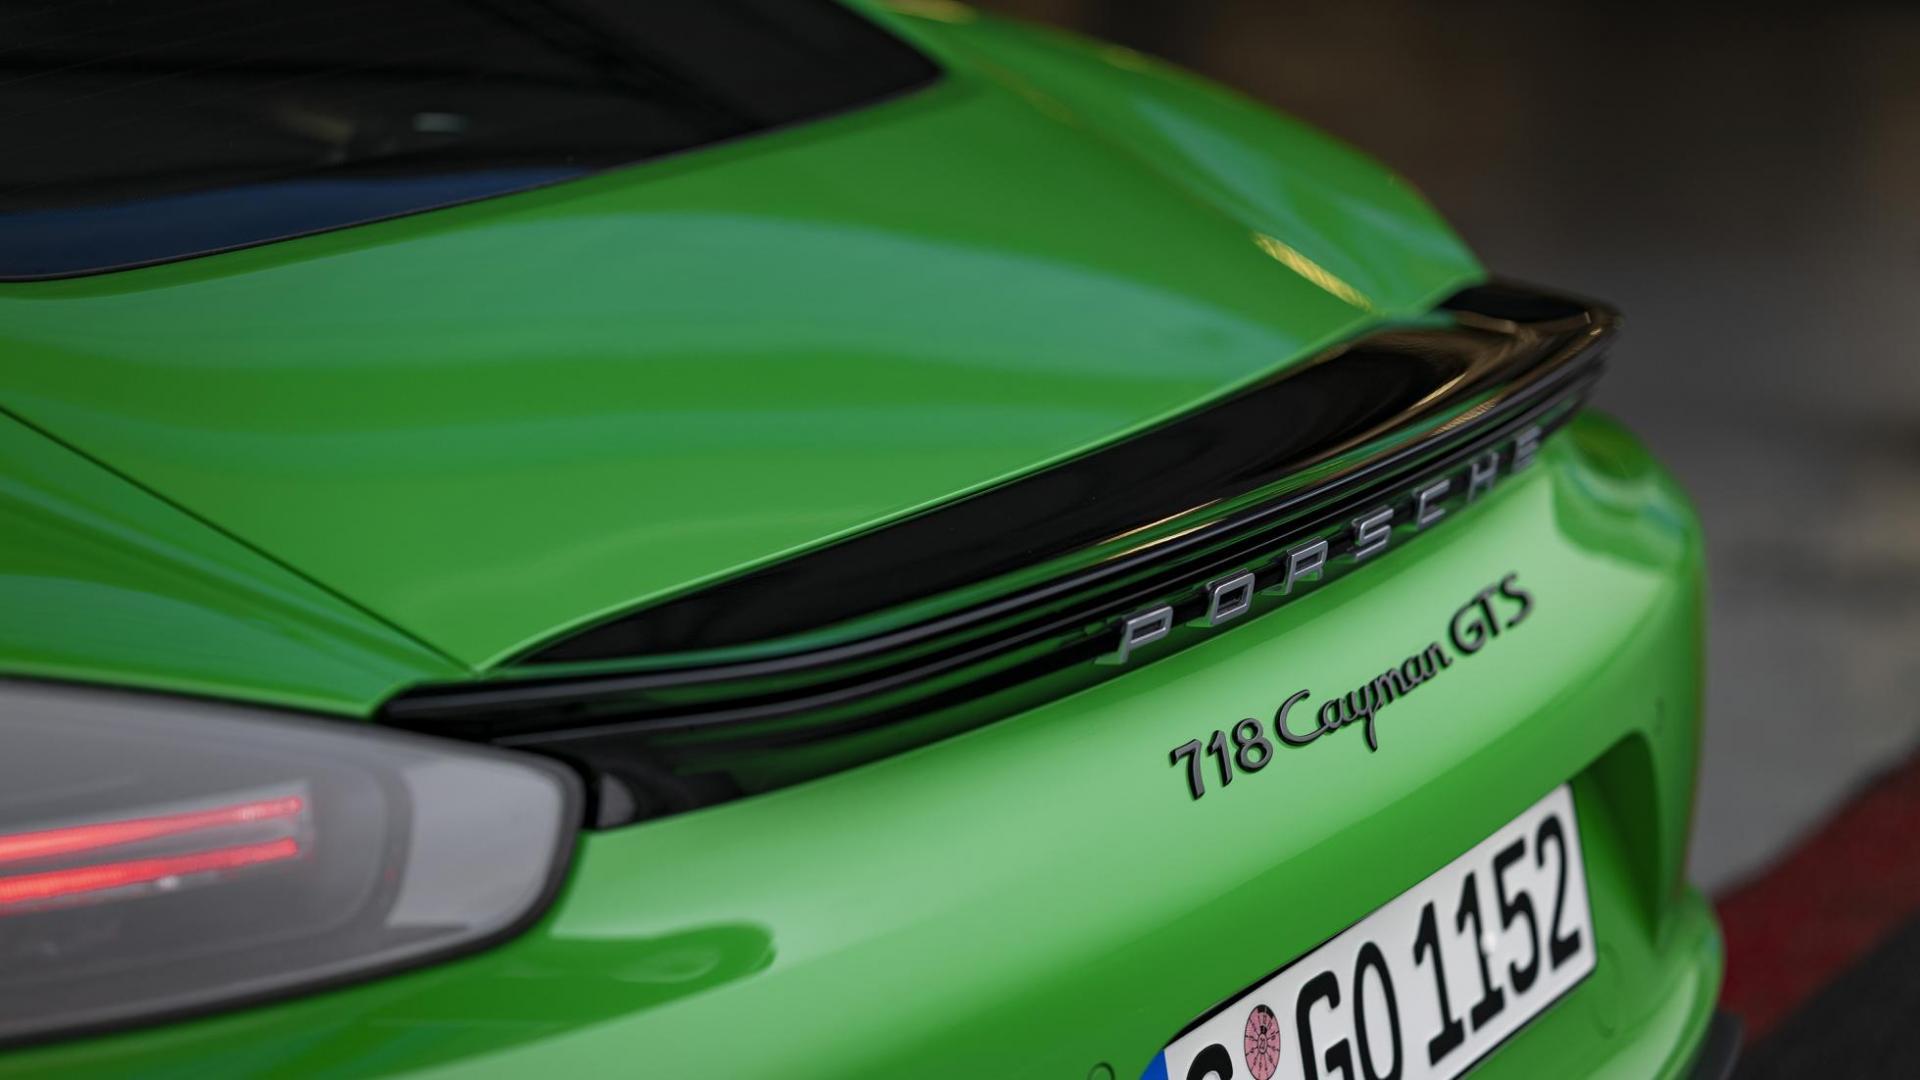 Porsche 718 Cayman GTS 4.0 zescilinder spoiler achterspoiler